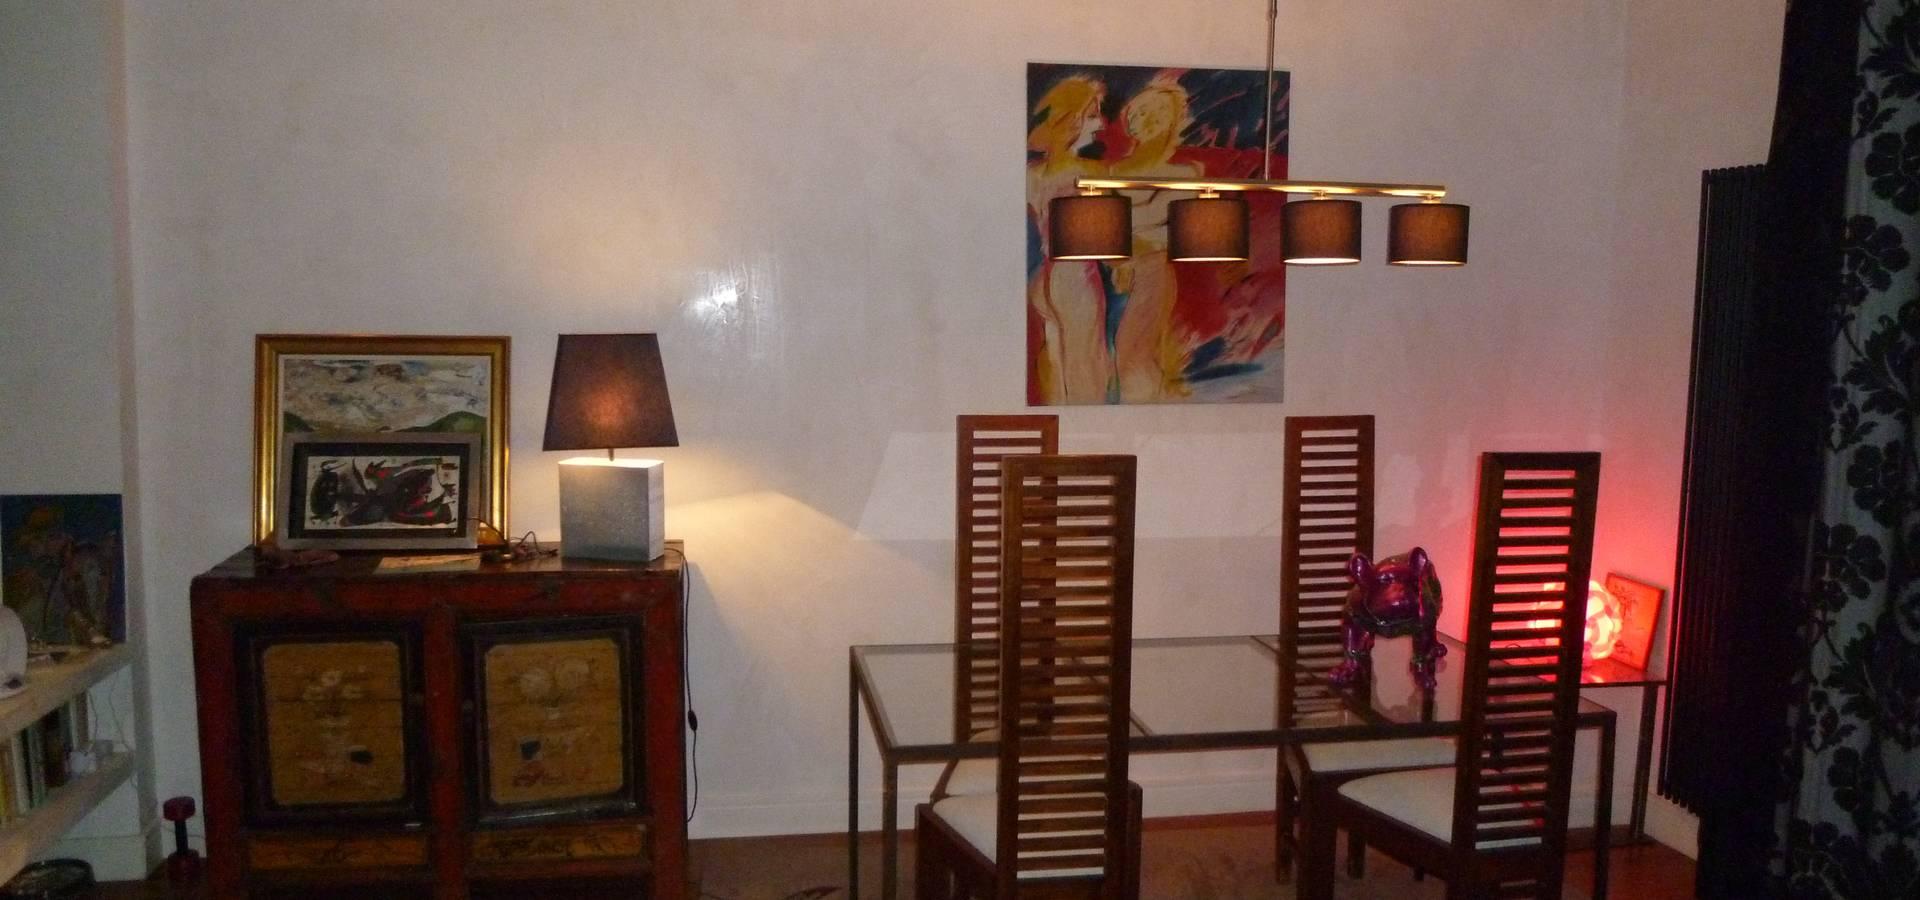 Alicia mesa interiorismo decoradores y dise adores de interiores en madrid homify - Decoradores de interiores en madrid ...